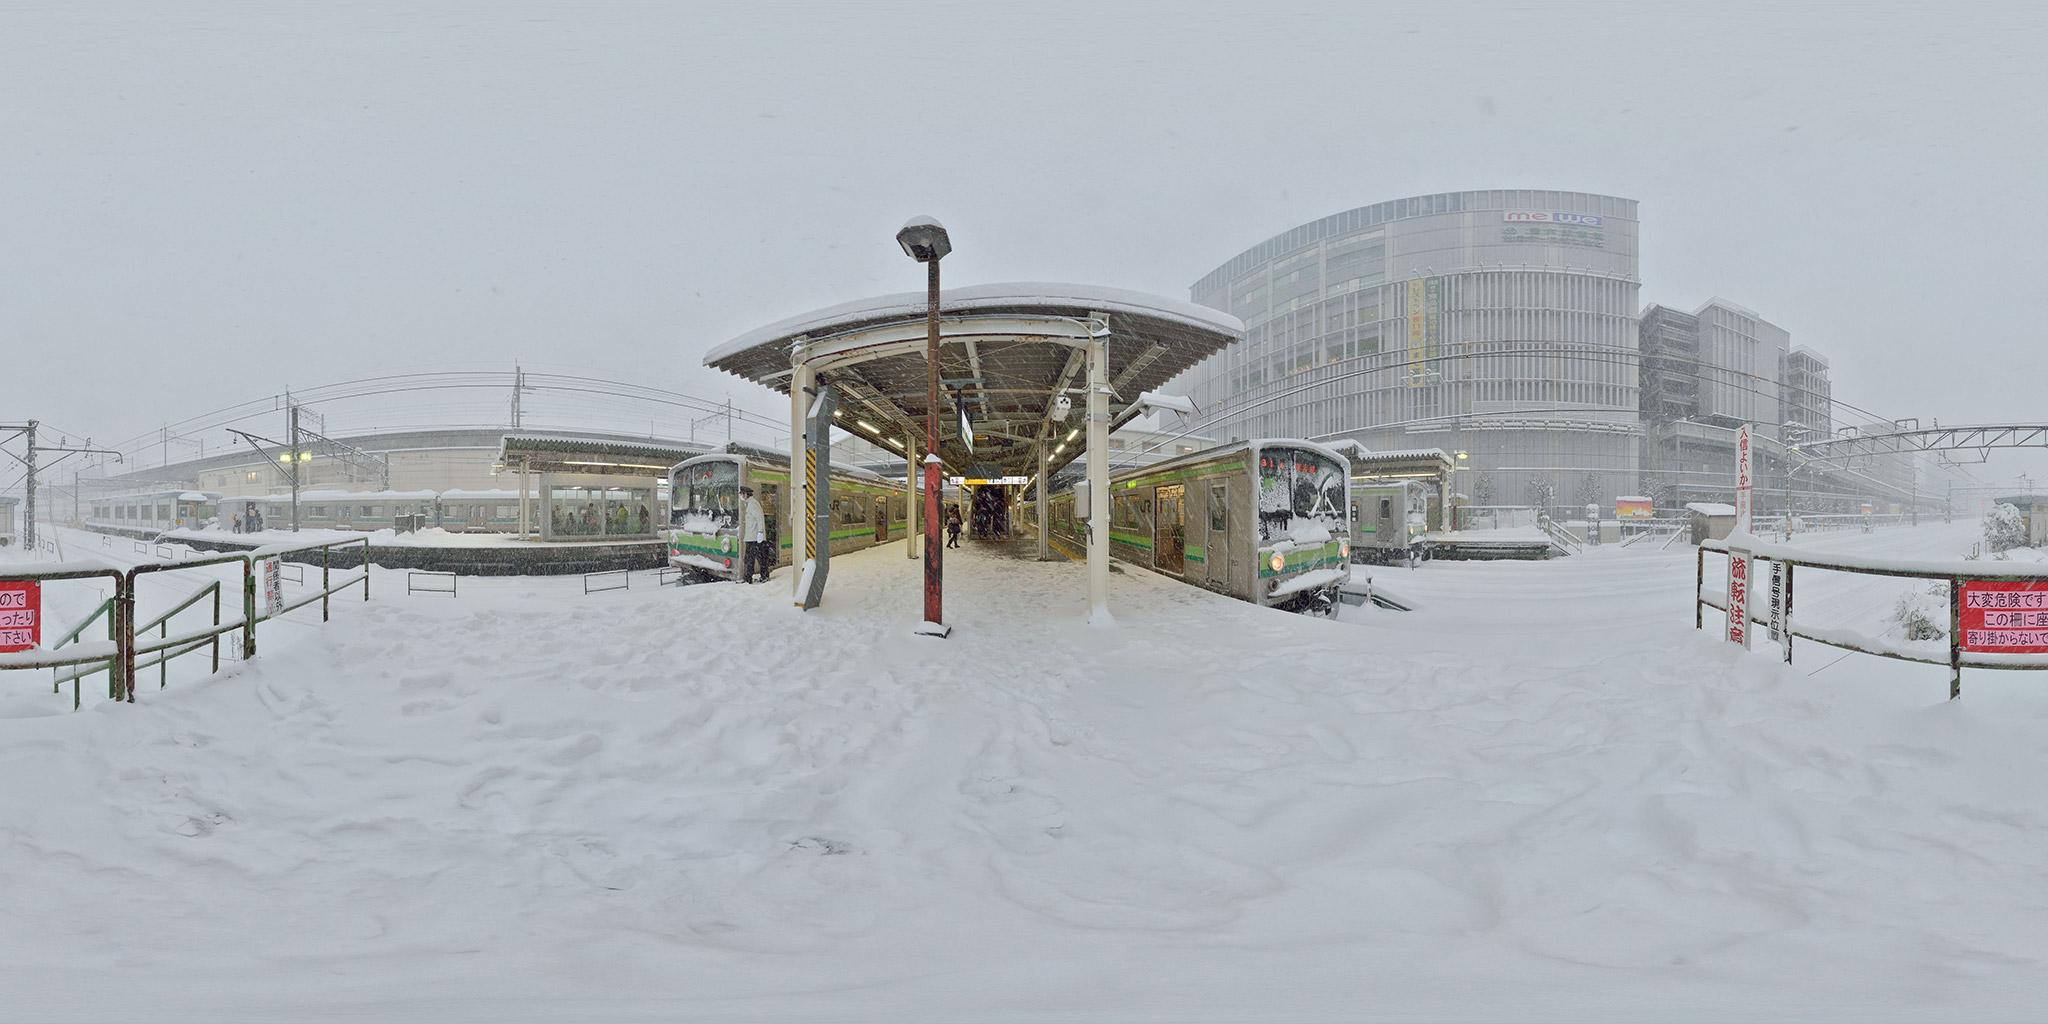 大雪の日の横浜線橋本駅にて